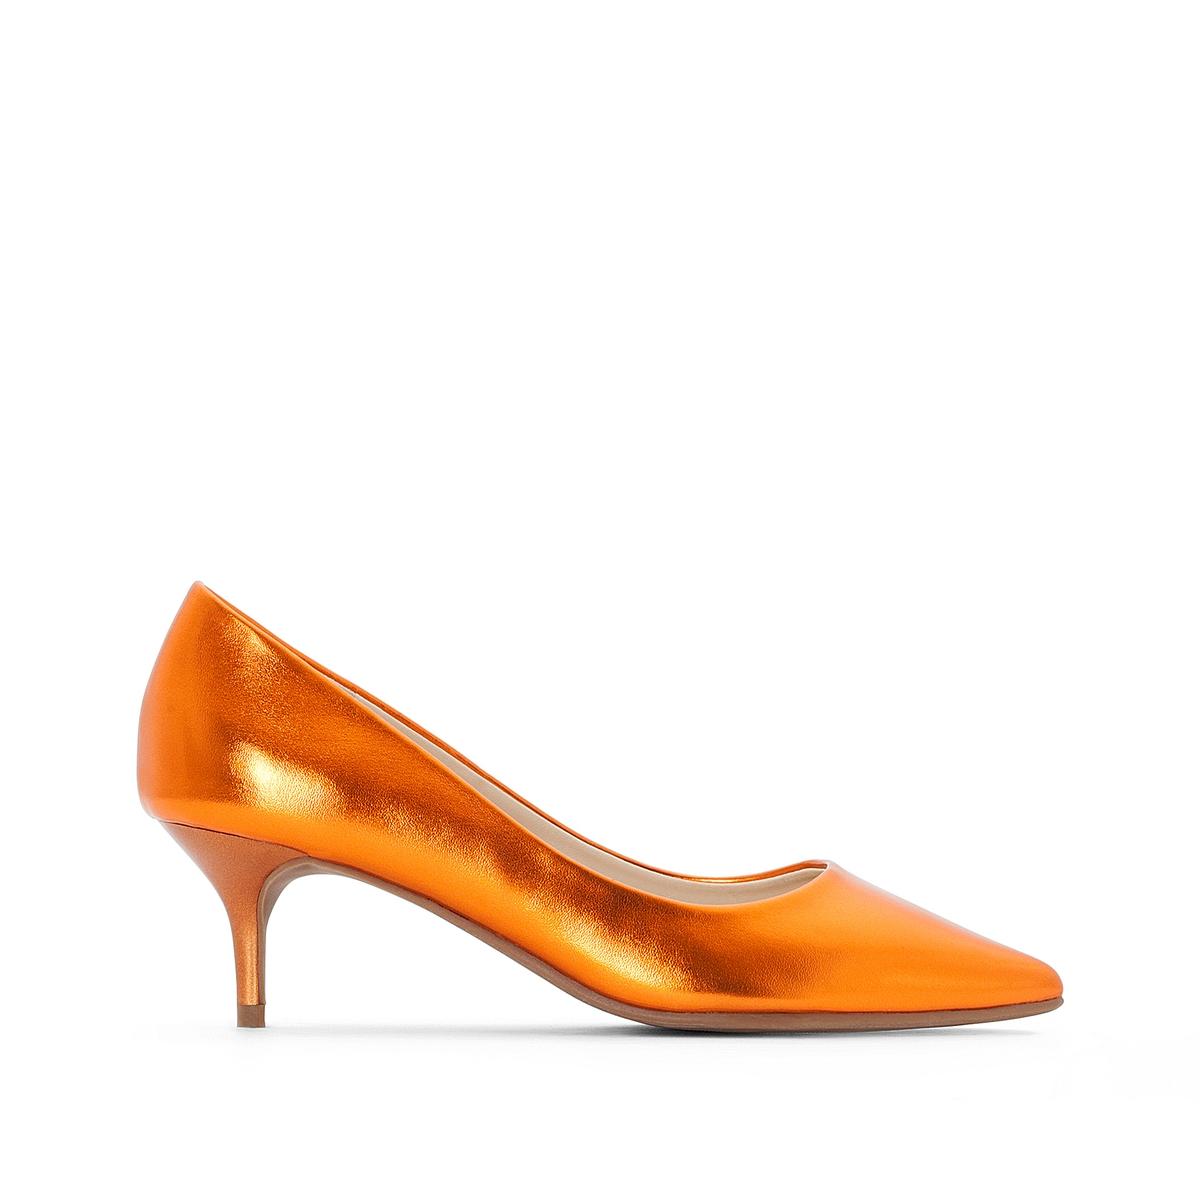 Sapatos metalizados